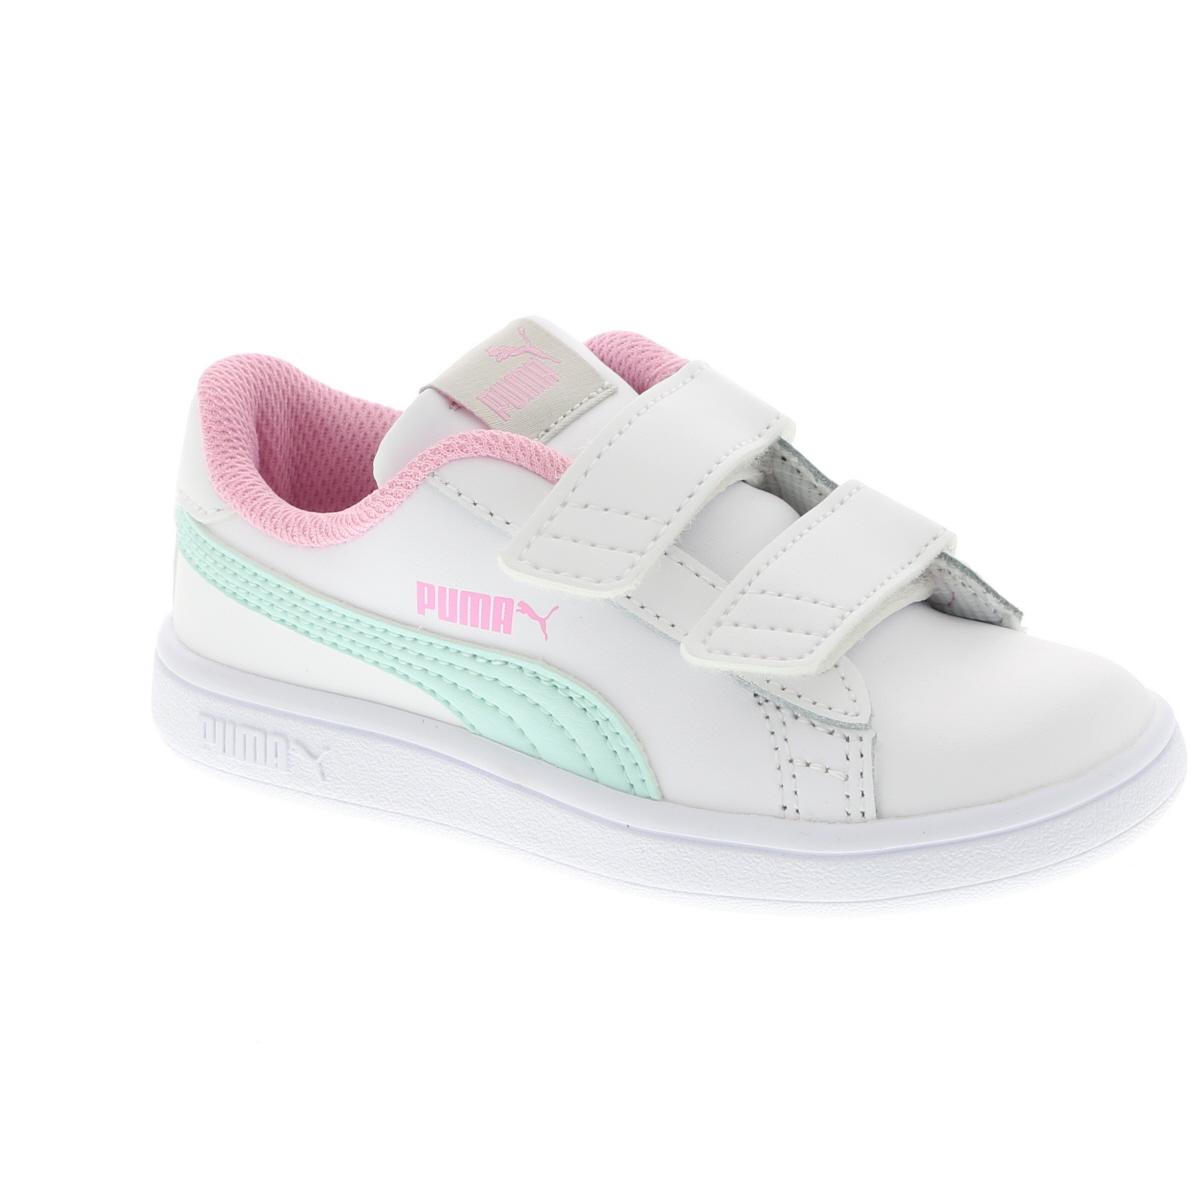 adidas schoenen meisjes maat 23